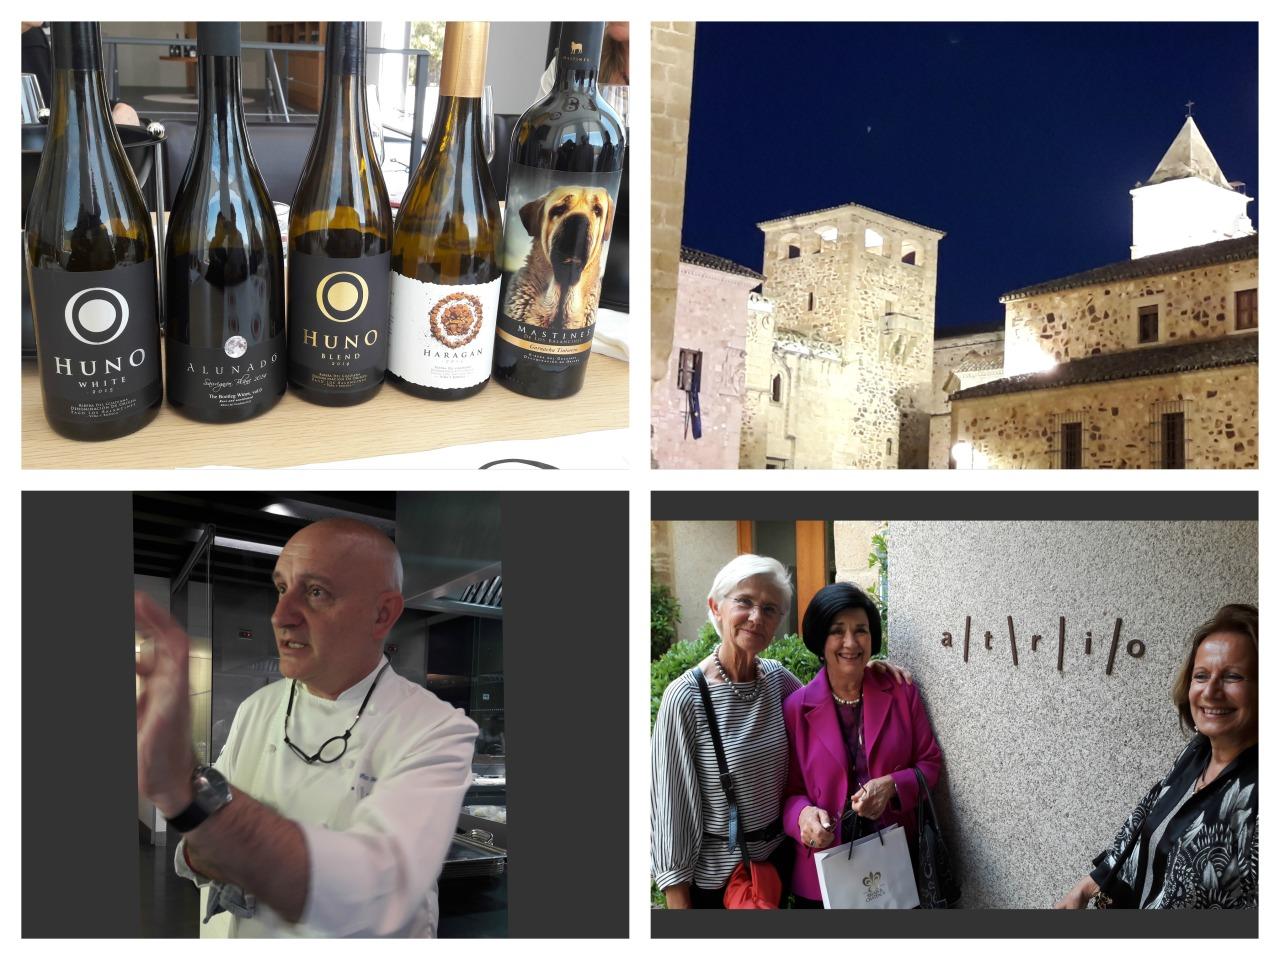 Recuerdos de Discover Sherry: Cáceres / Discover Sherry Memories:Cáceres